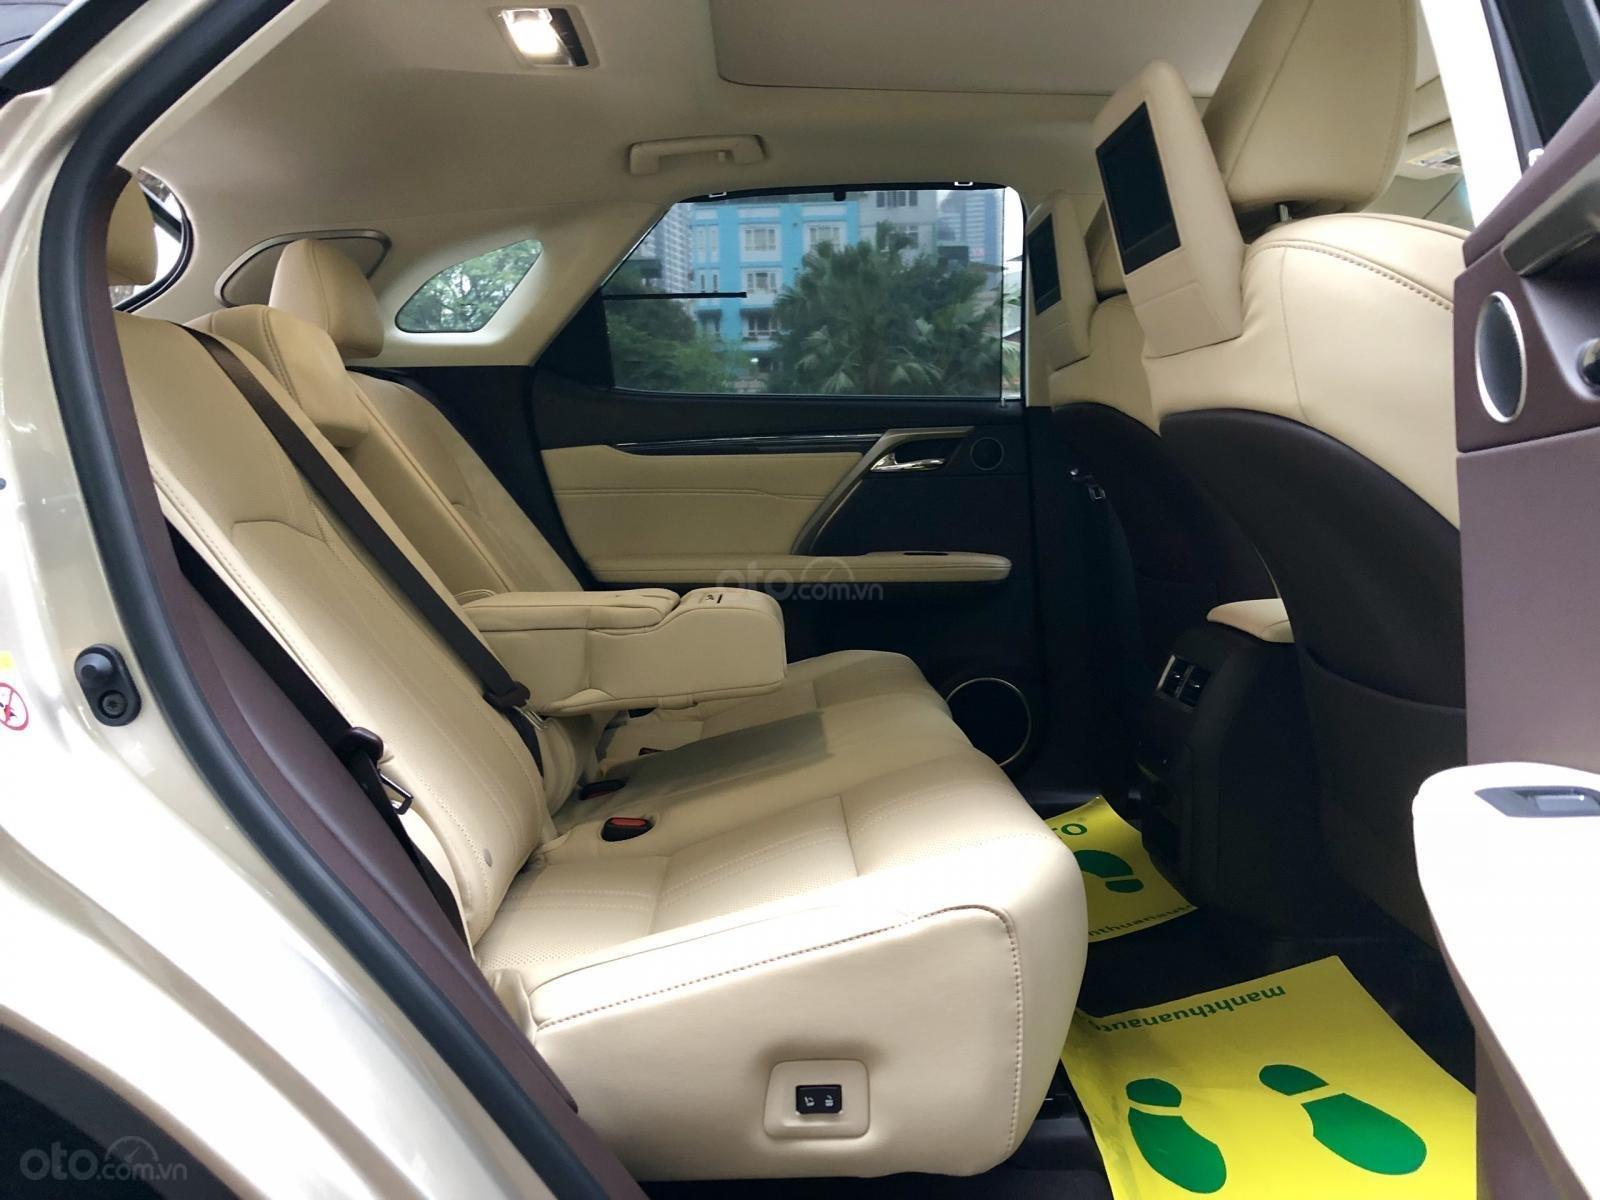 Bán ô tô Lexus RX 350 model 2019, màu vàng, nhập khẩu Mỹ- LH Ms Hương 0945.39.2468 (6)